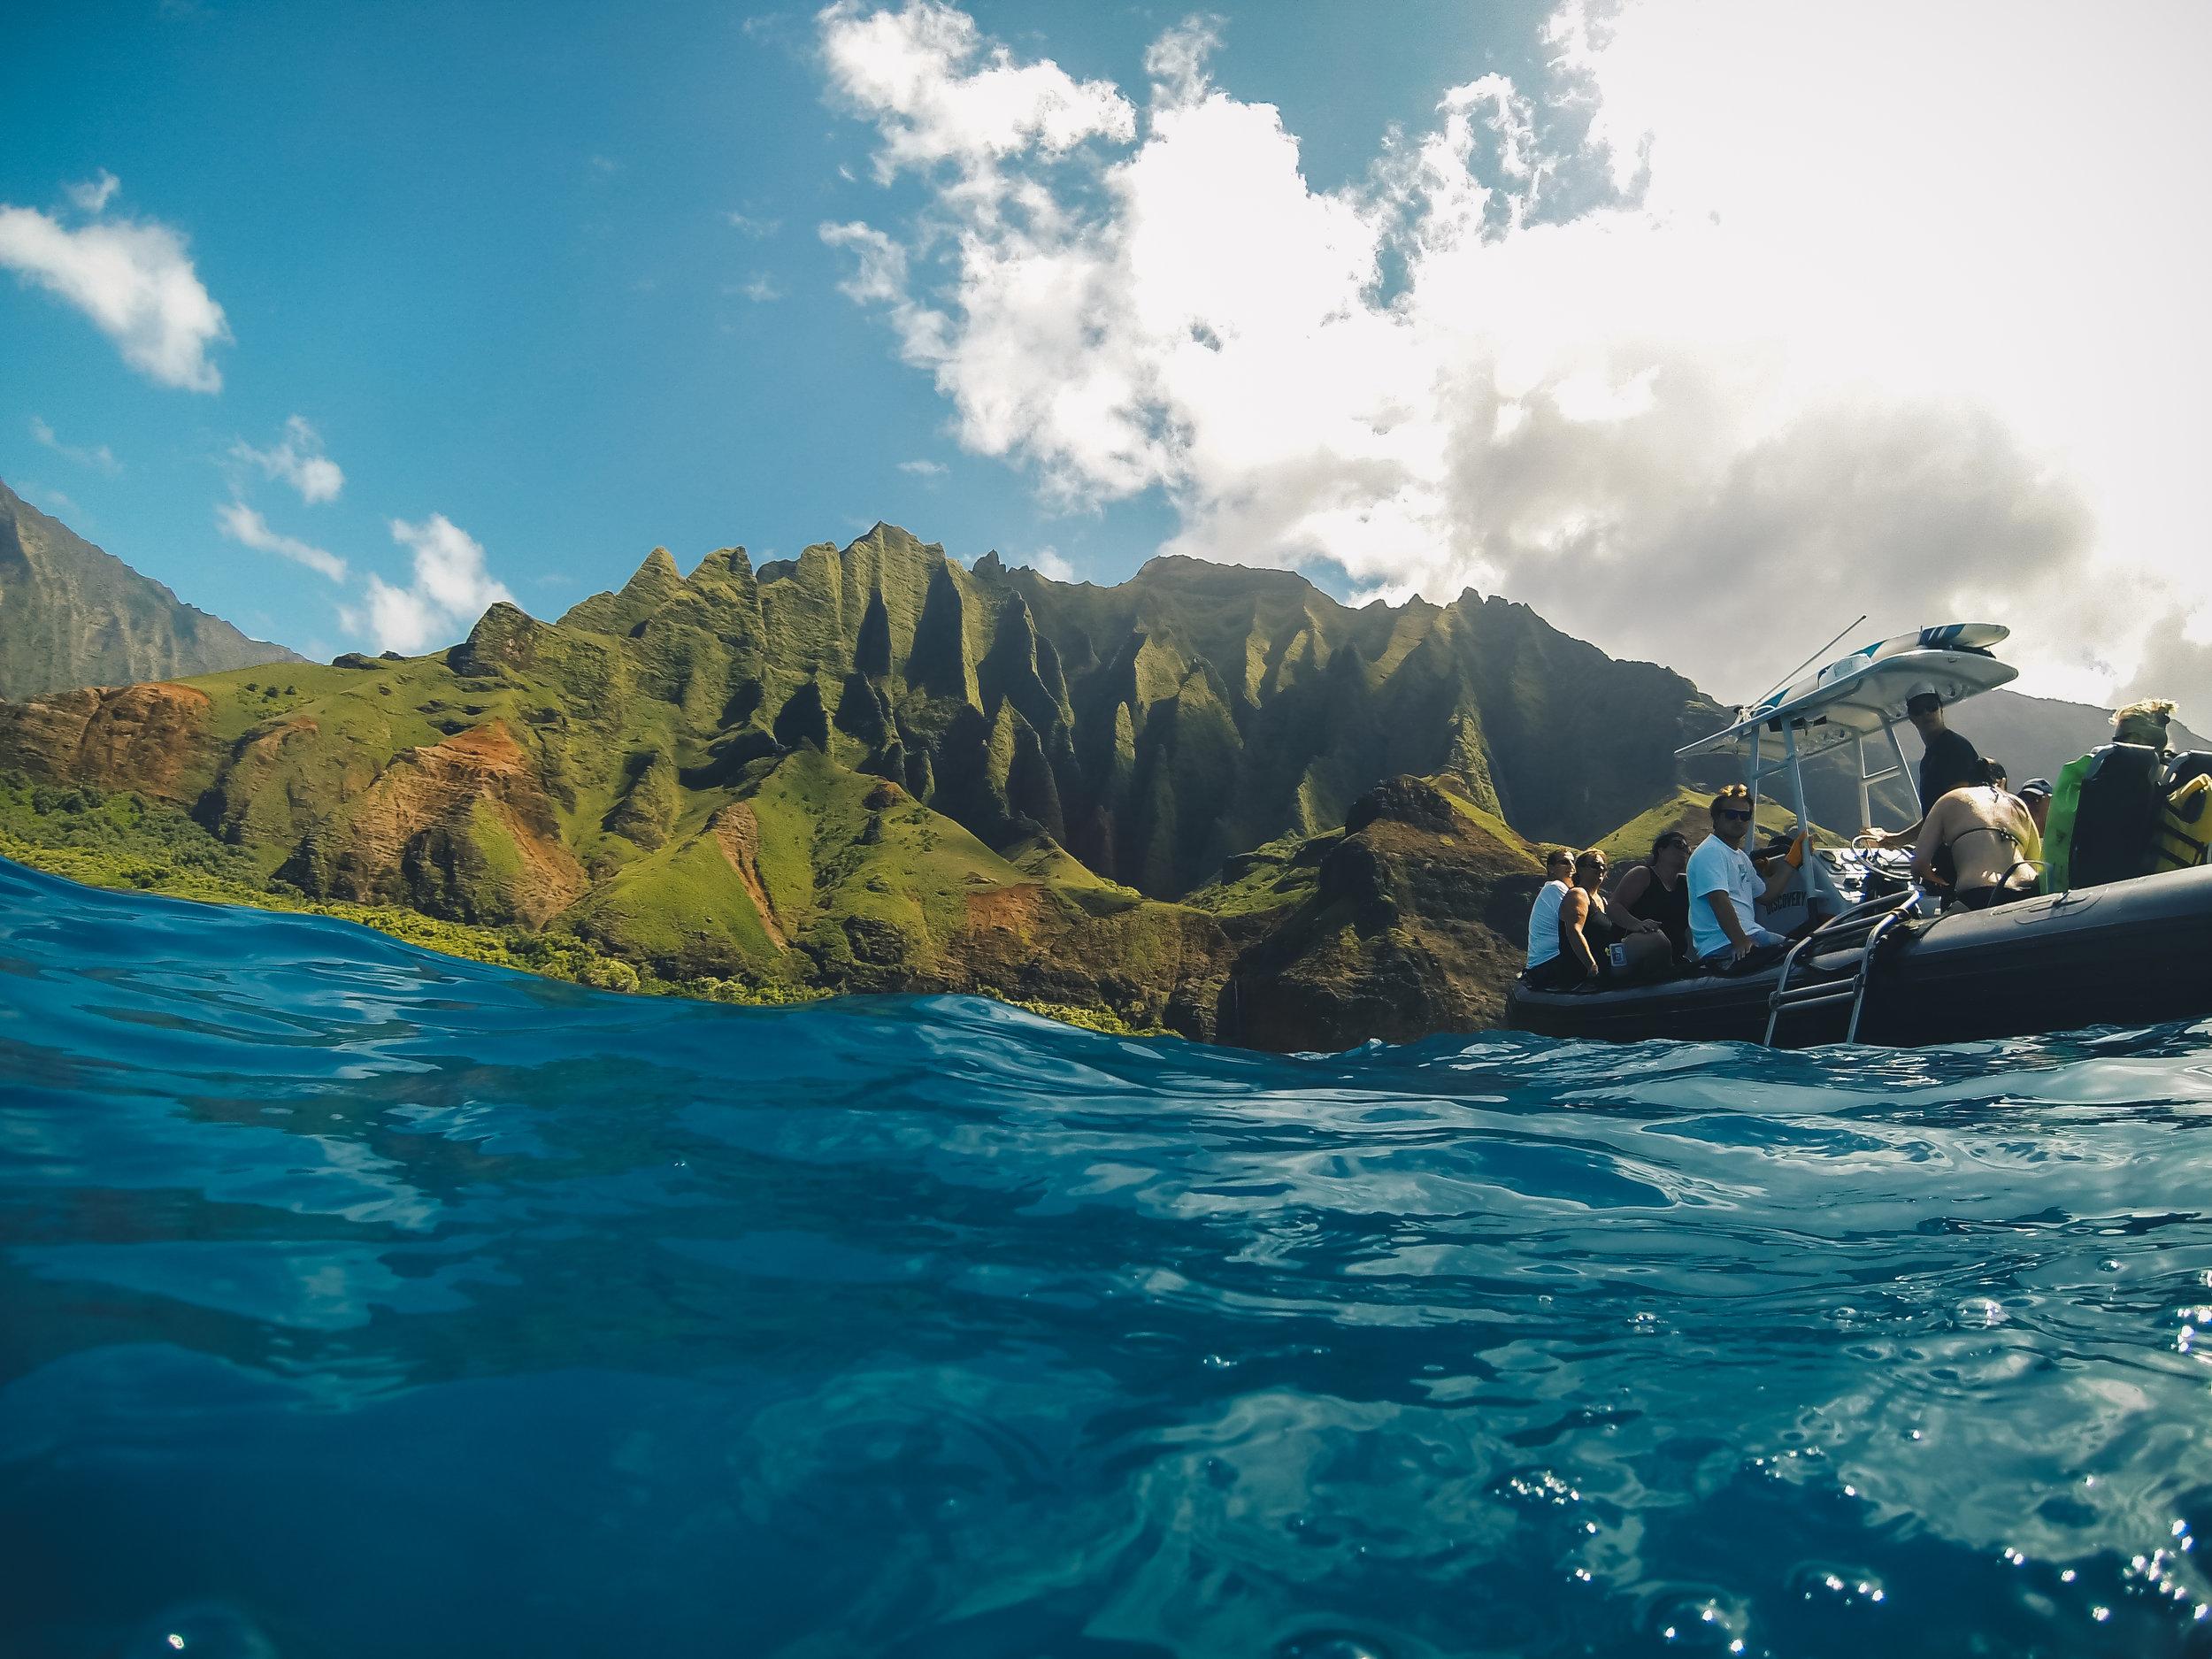 hawaii_gopro.jpg